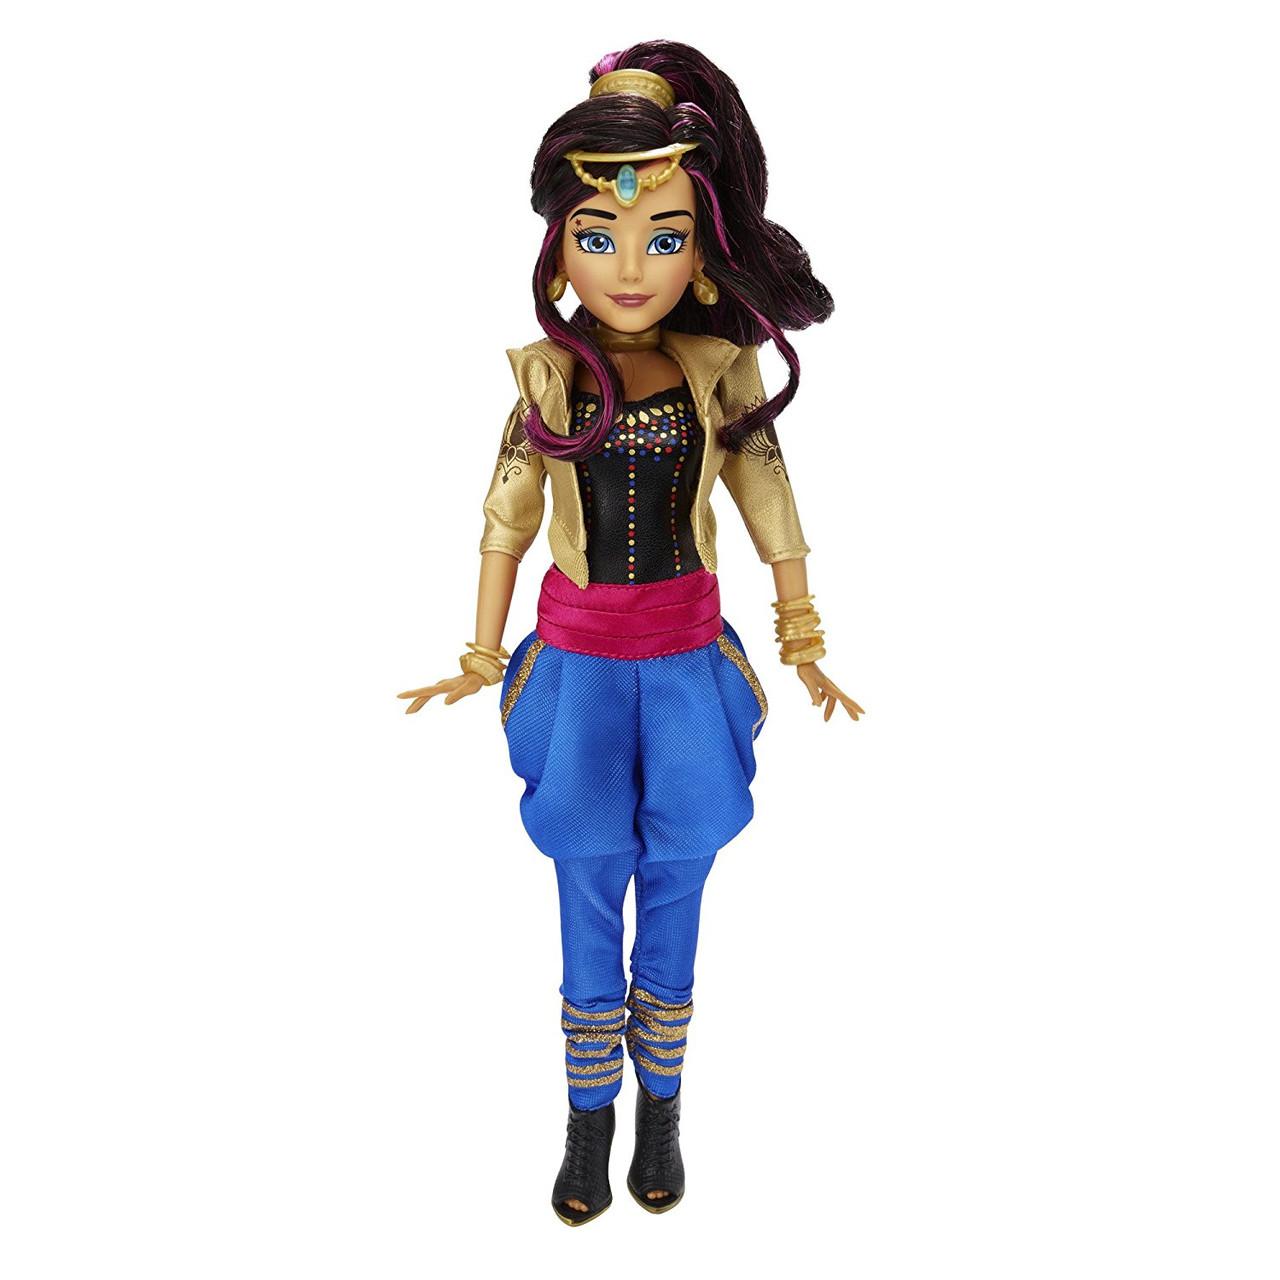 Кукла Джордан - Jordan Наследники Дисней - Disney Descendants куклы